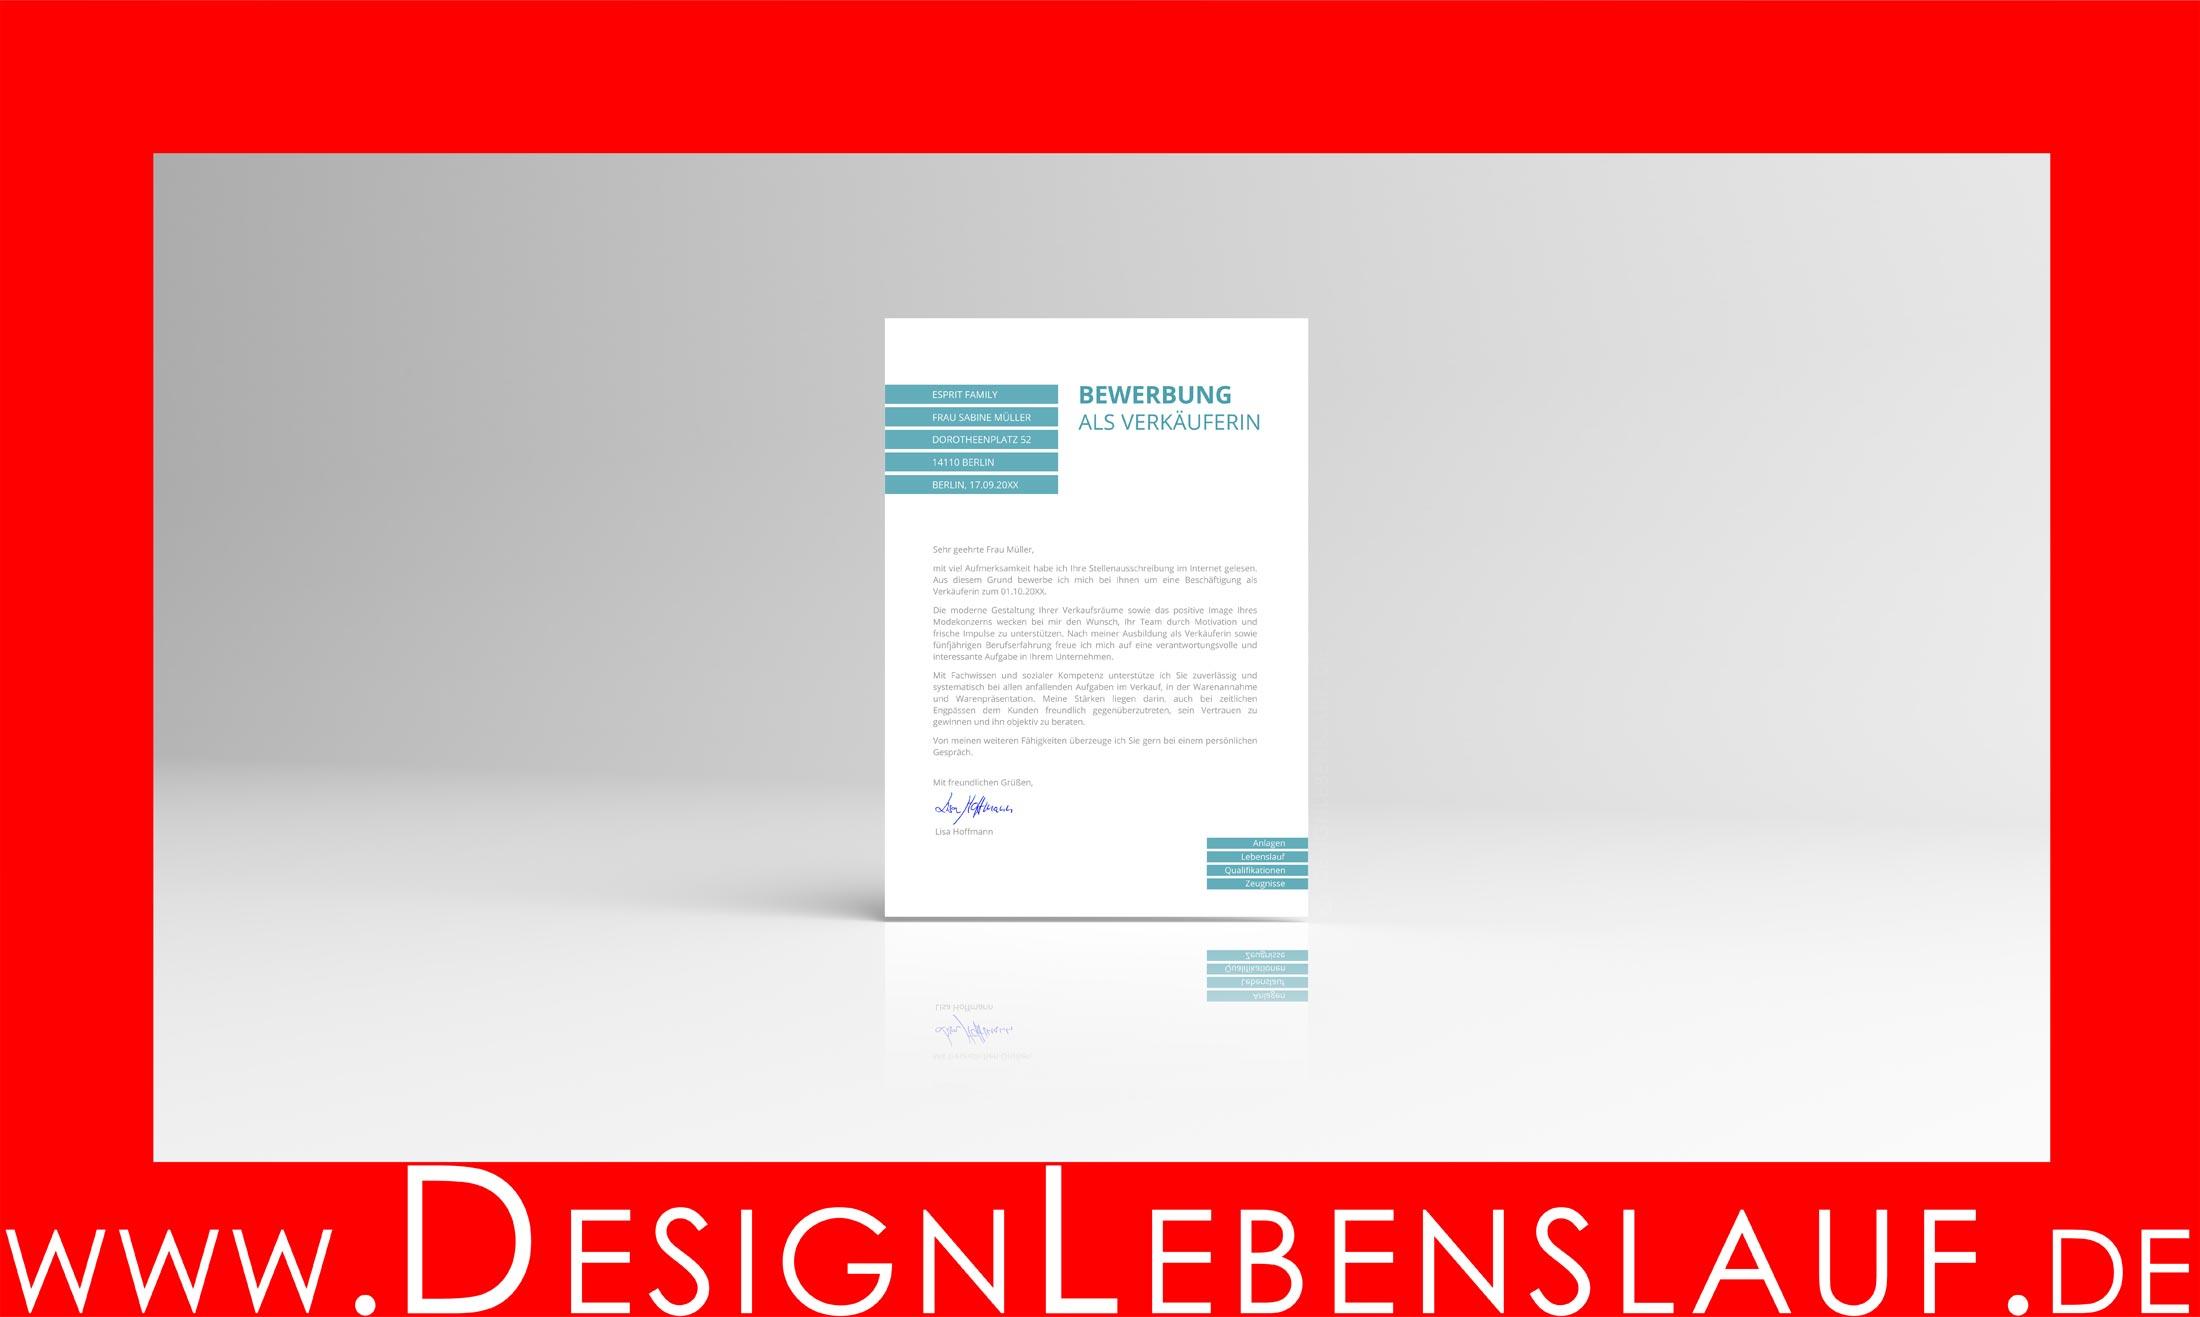 Muster Online Bewerbung Mit Designlebenslauf Als Downloads